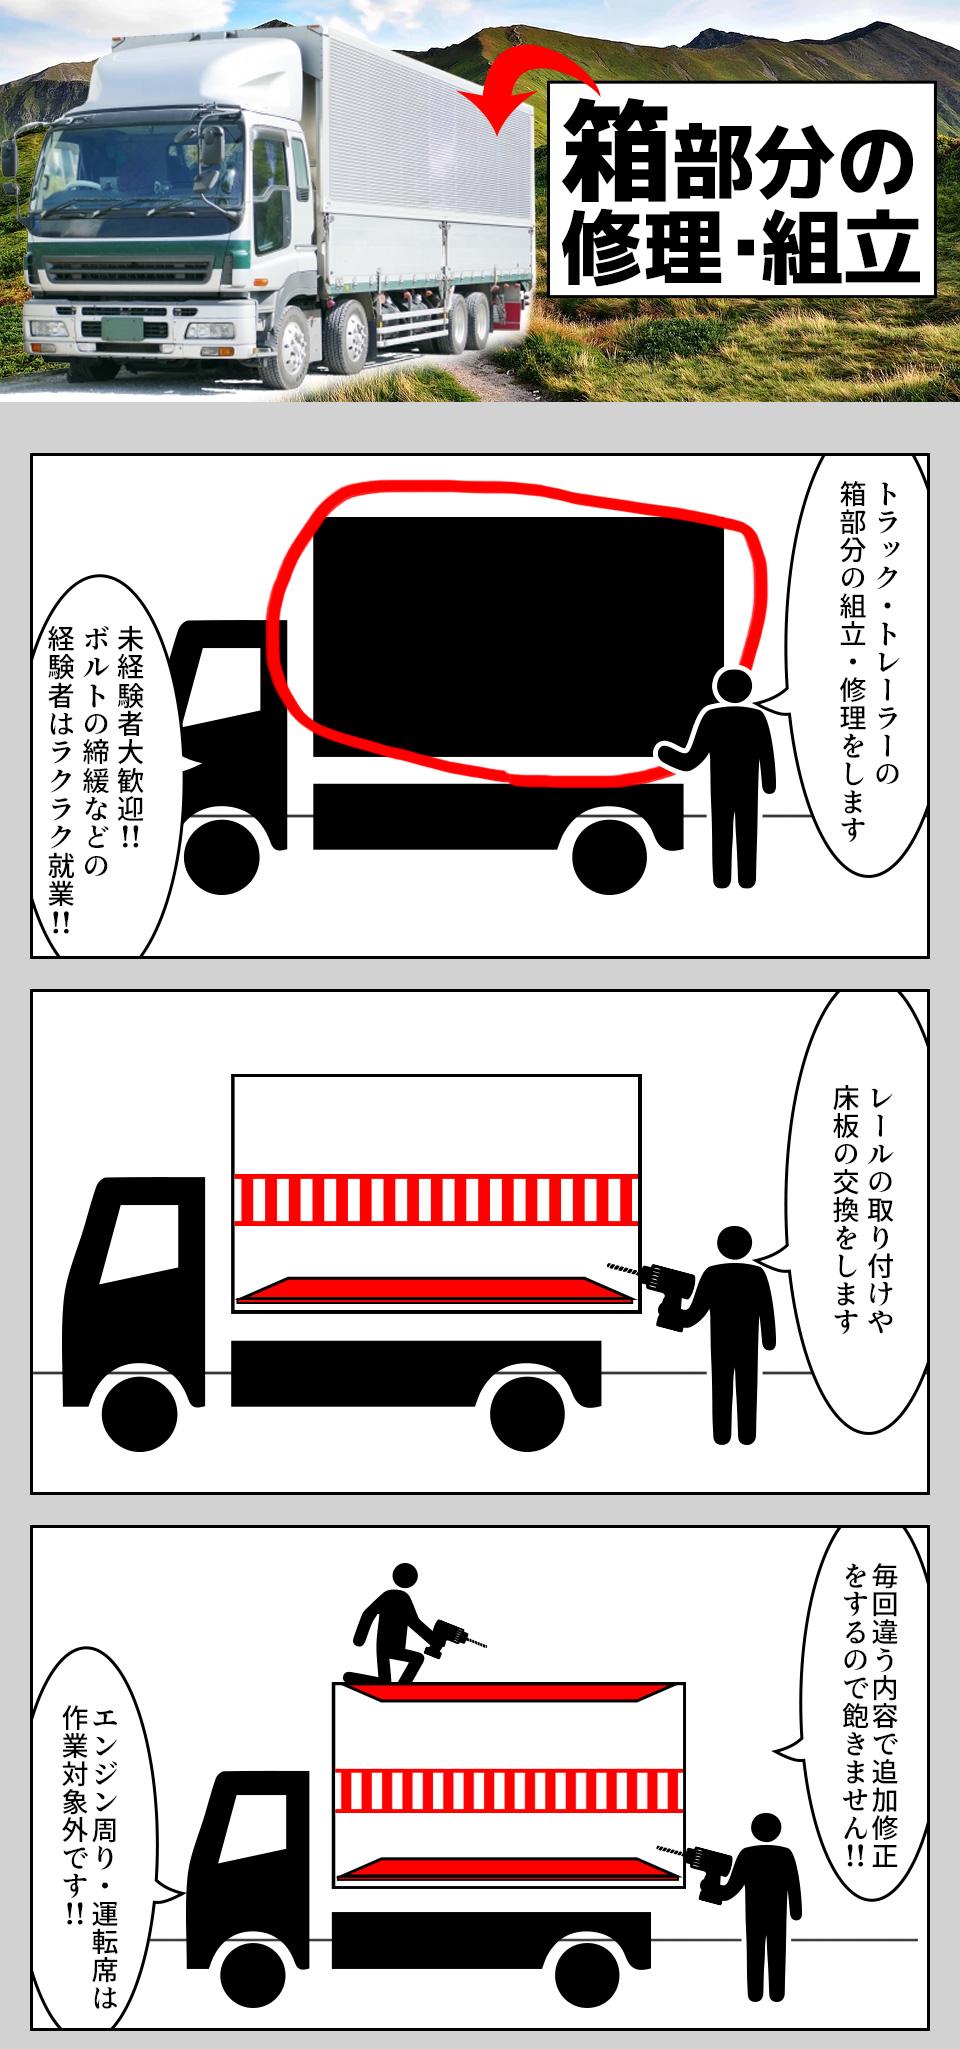 トラック箱の修理・組立 愛知県豊川市の派遣社員求人